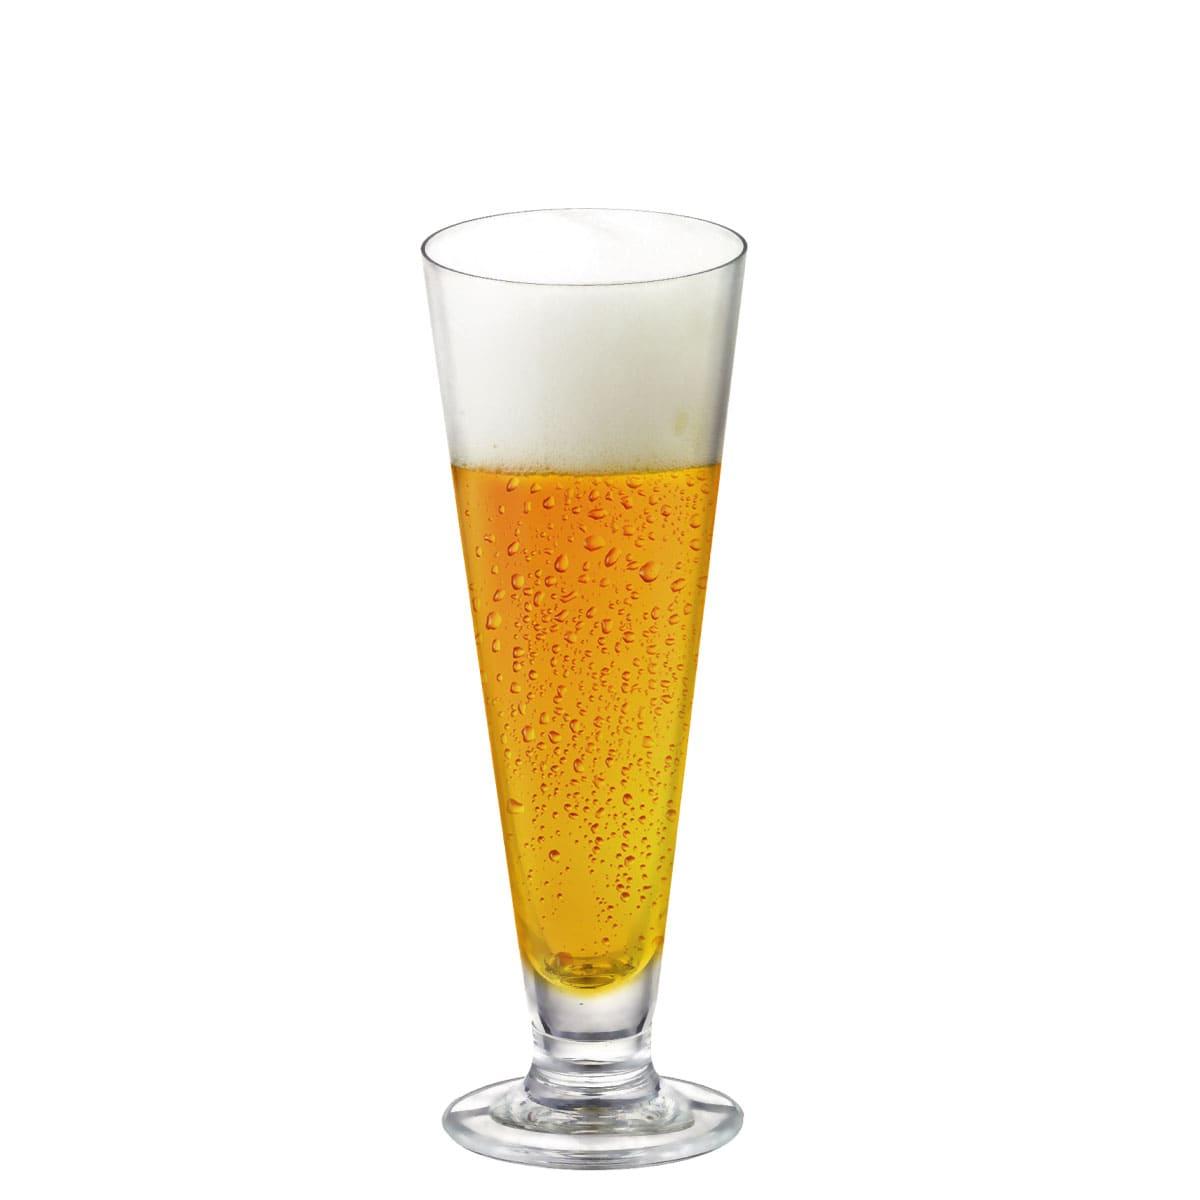 Jogo de Taças de Cerveja Tulipa Reta Cristal 300ml 2 Pcs